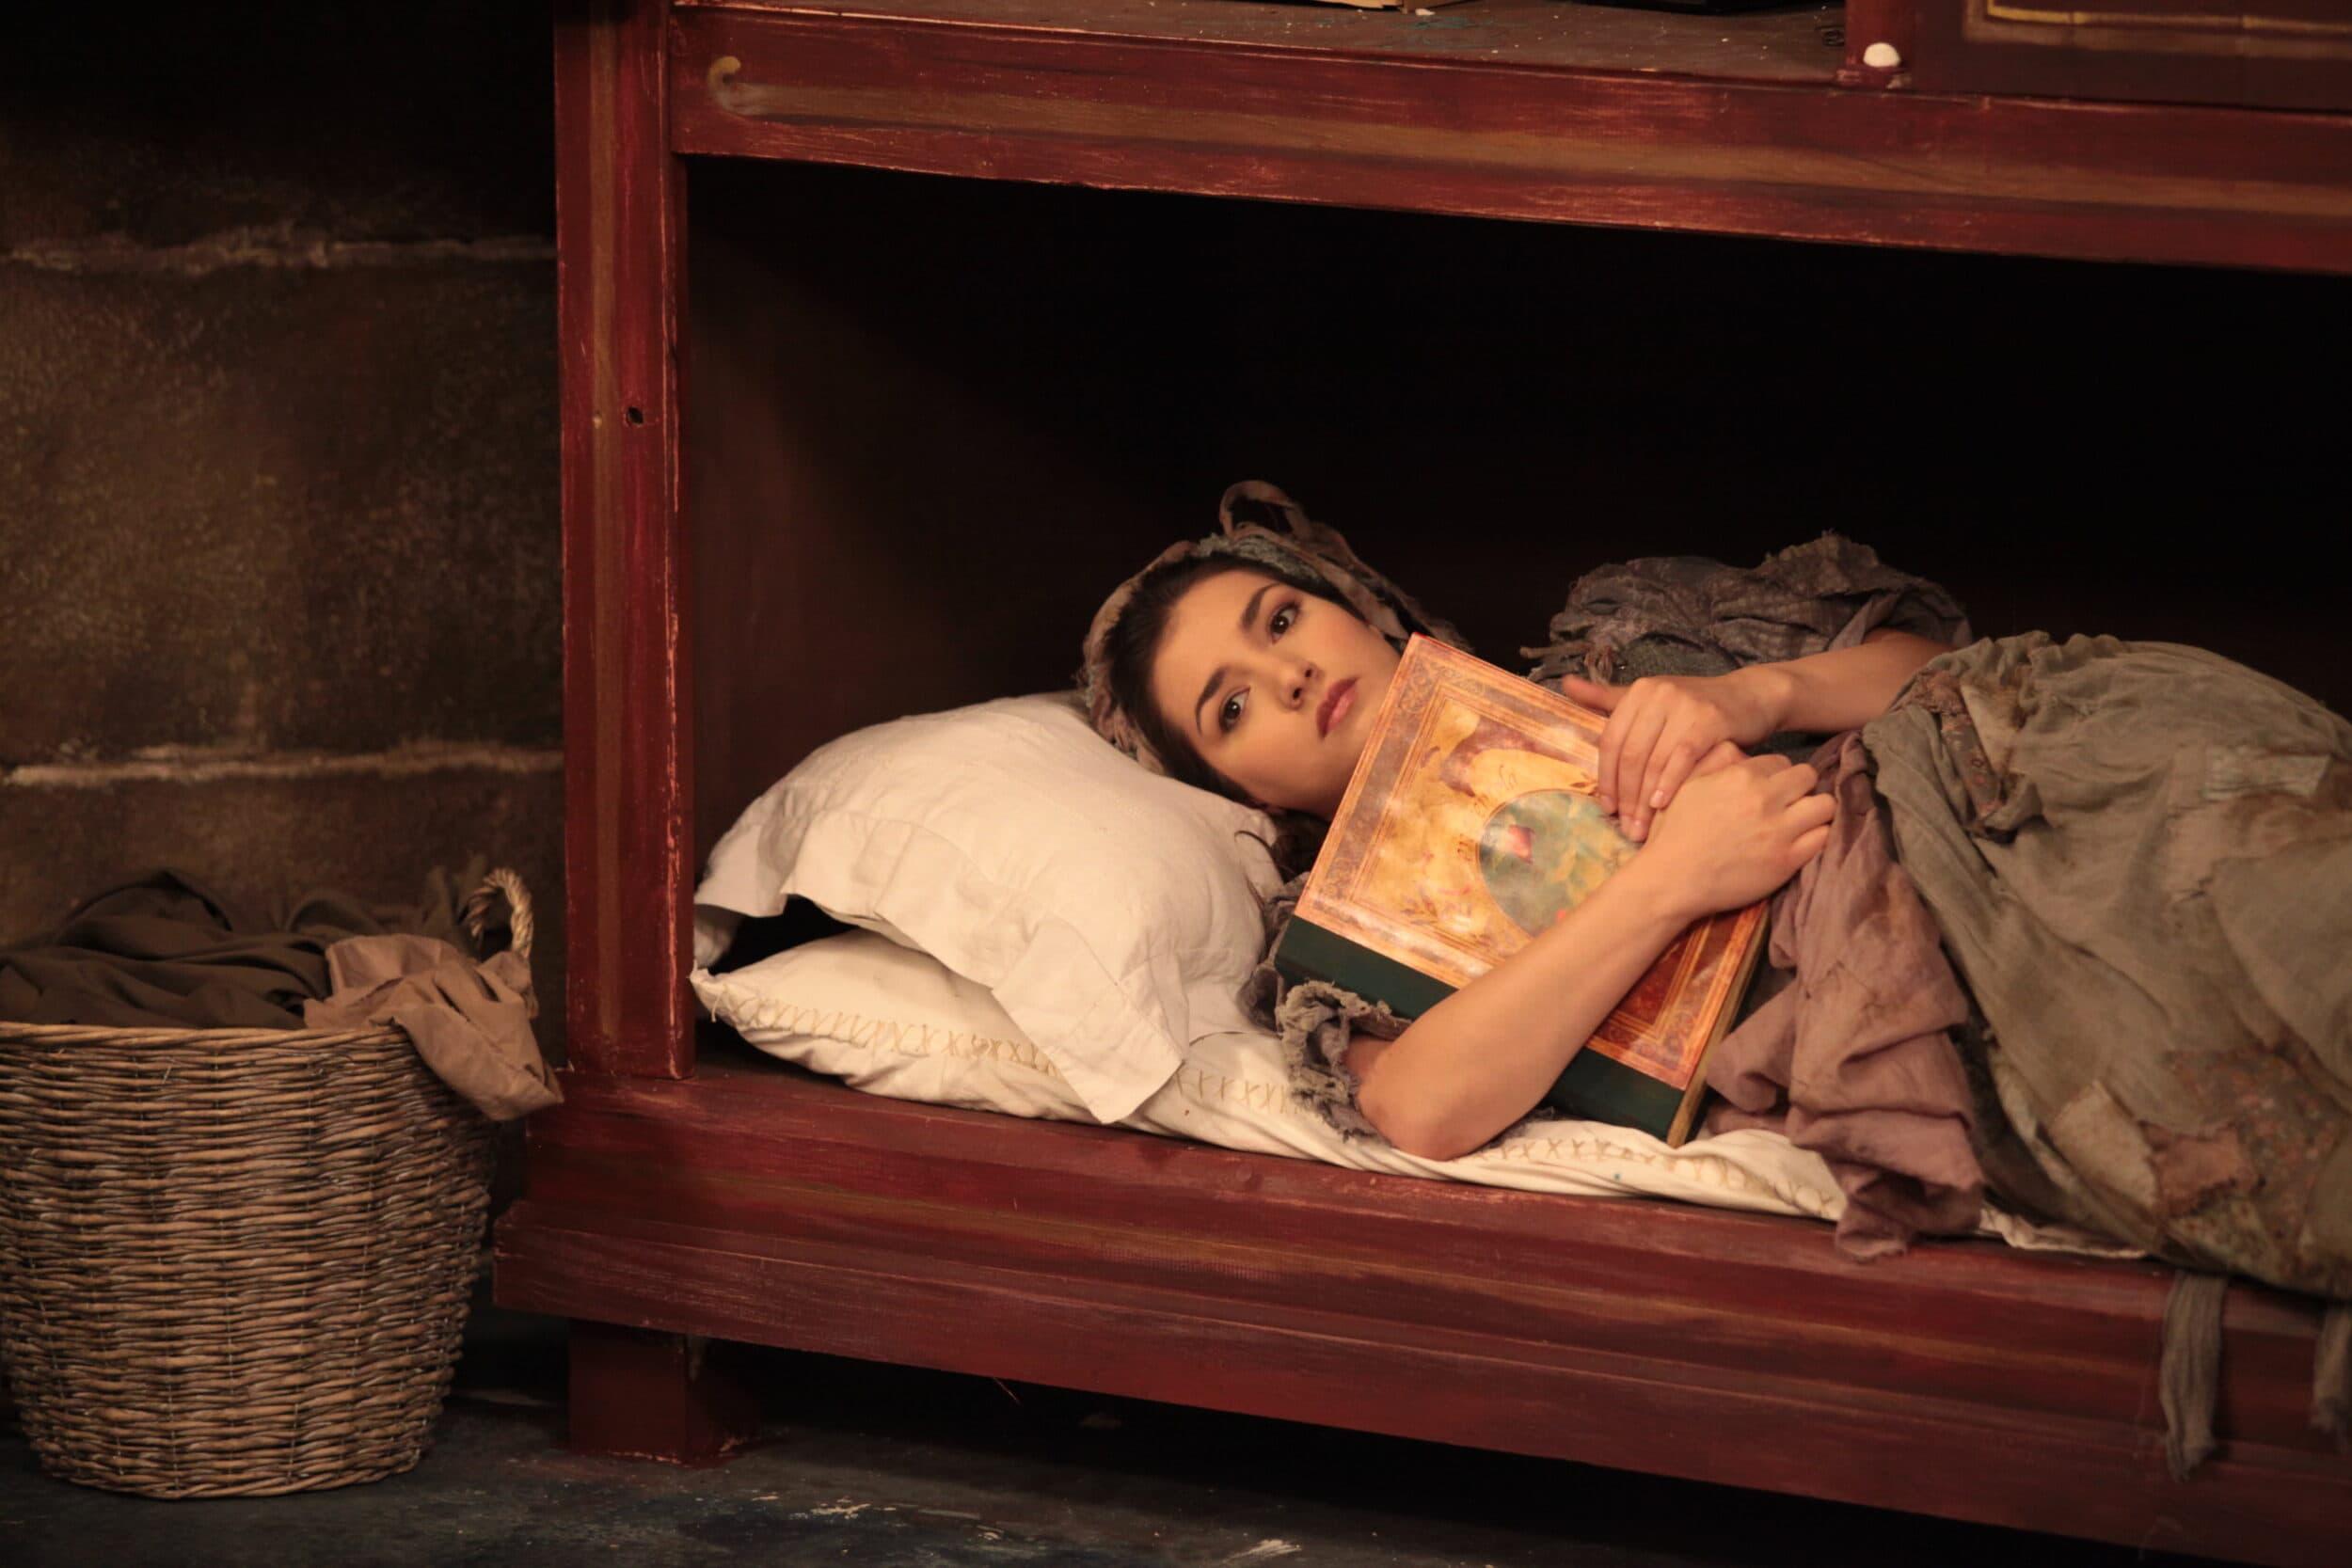 Лена Белкина - Золушка в одноименной опере Дж. Россини